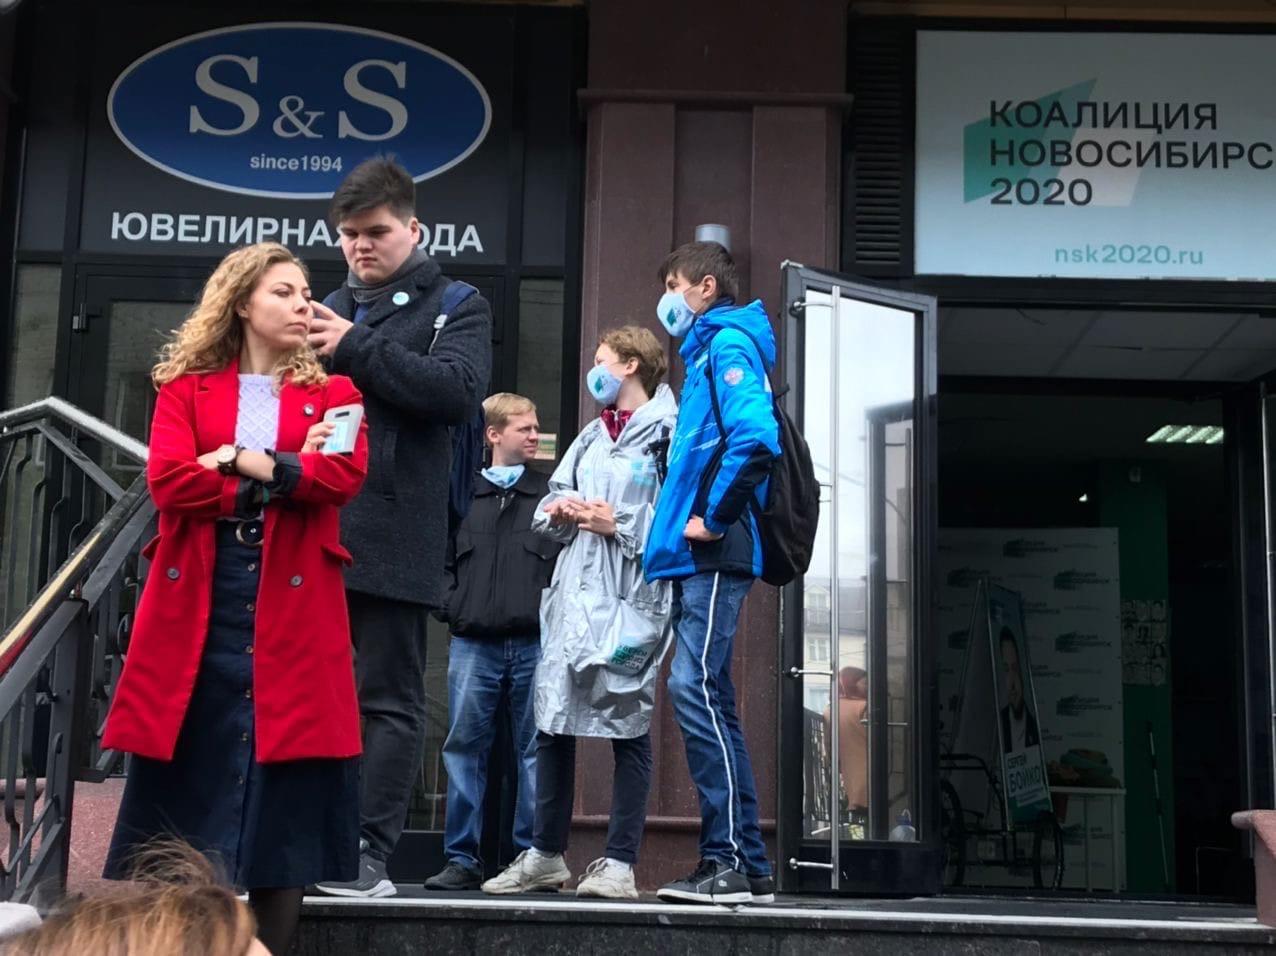 Трех человек доставили в больницу после нападения на штаб оппозиции в Новосибирске